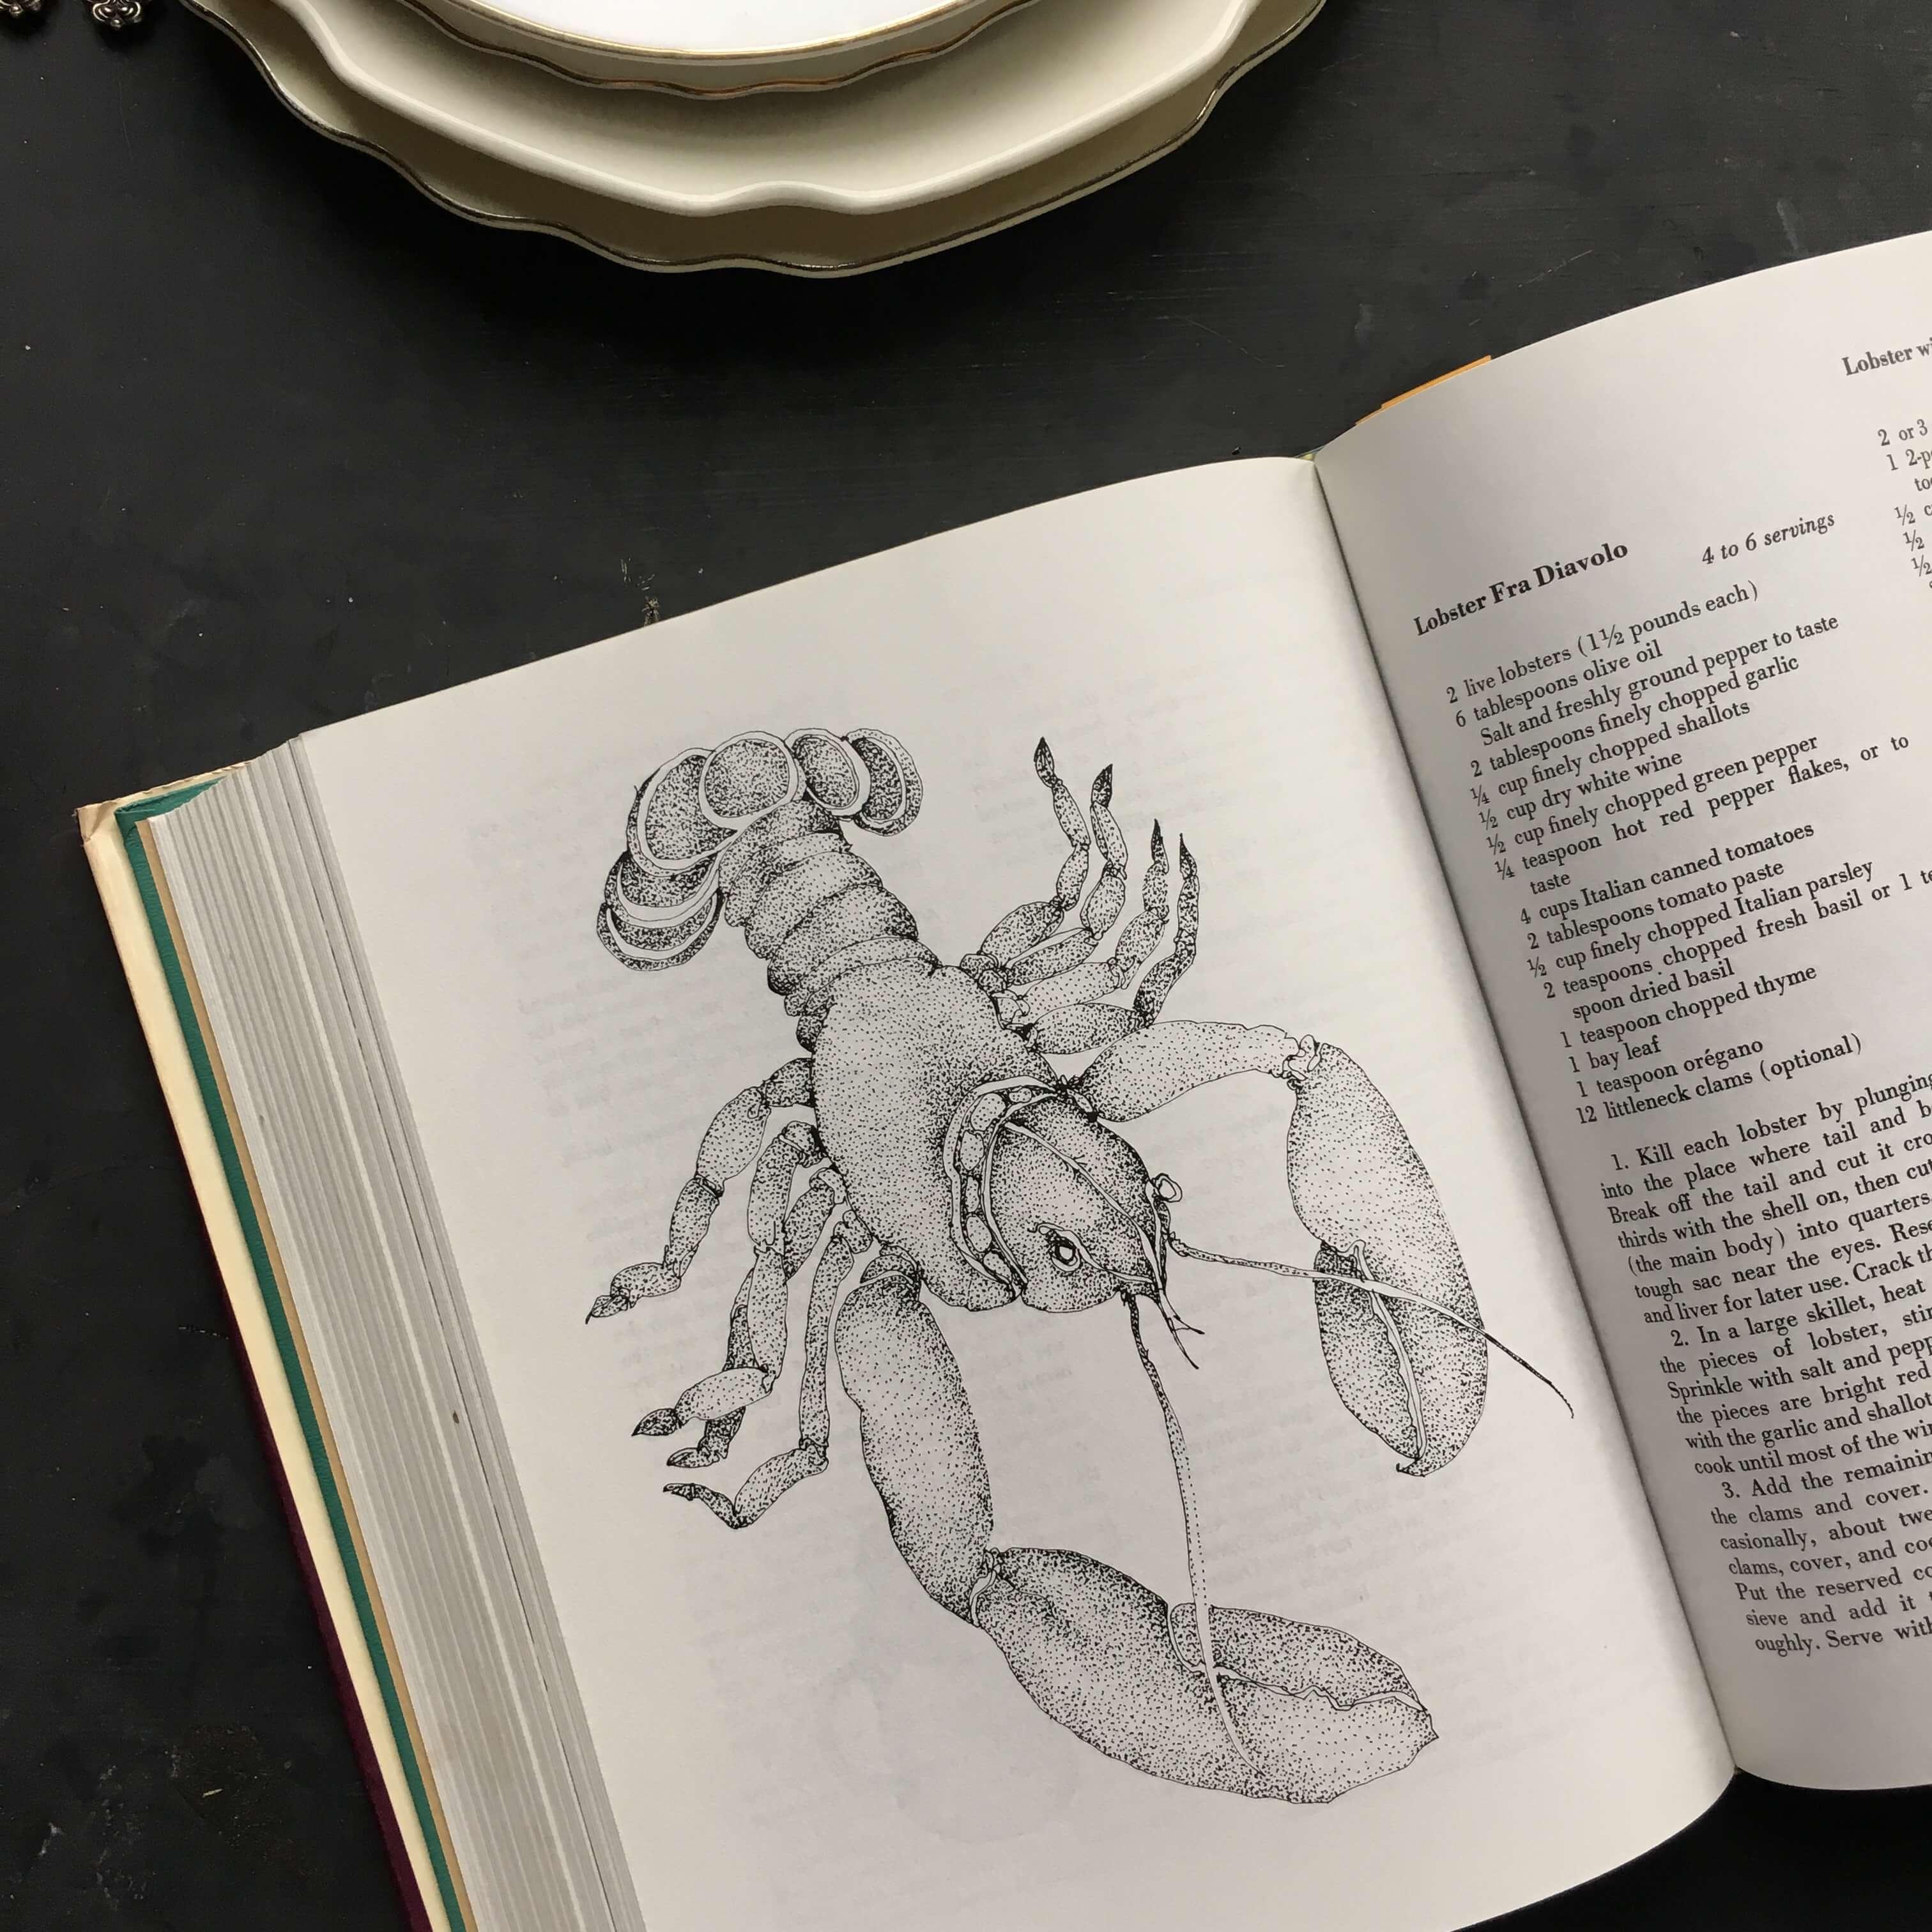 james-spanfeller-illustration